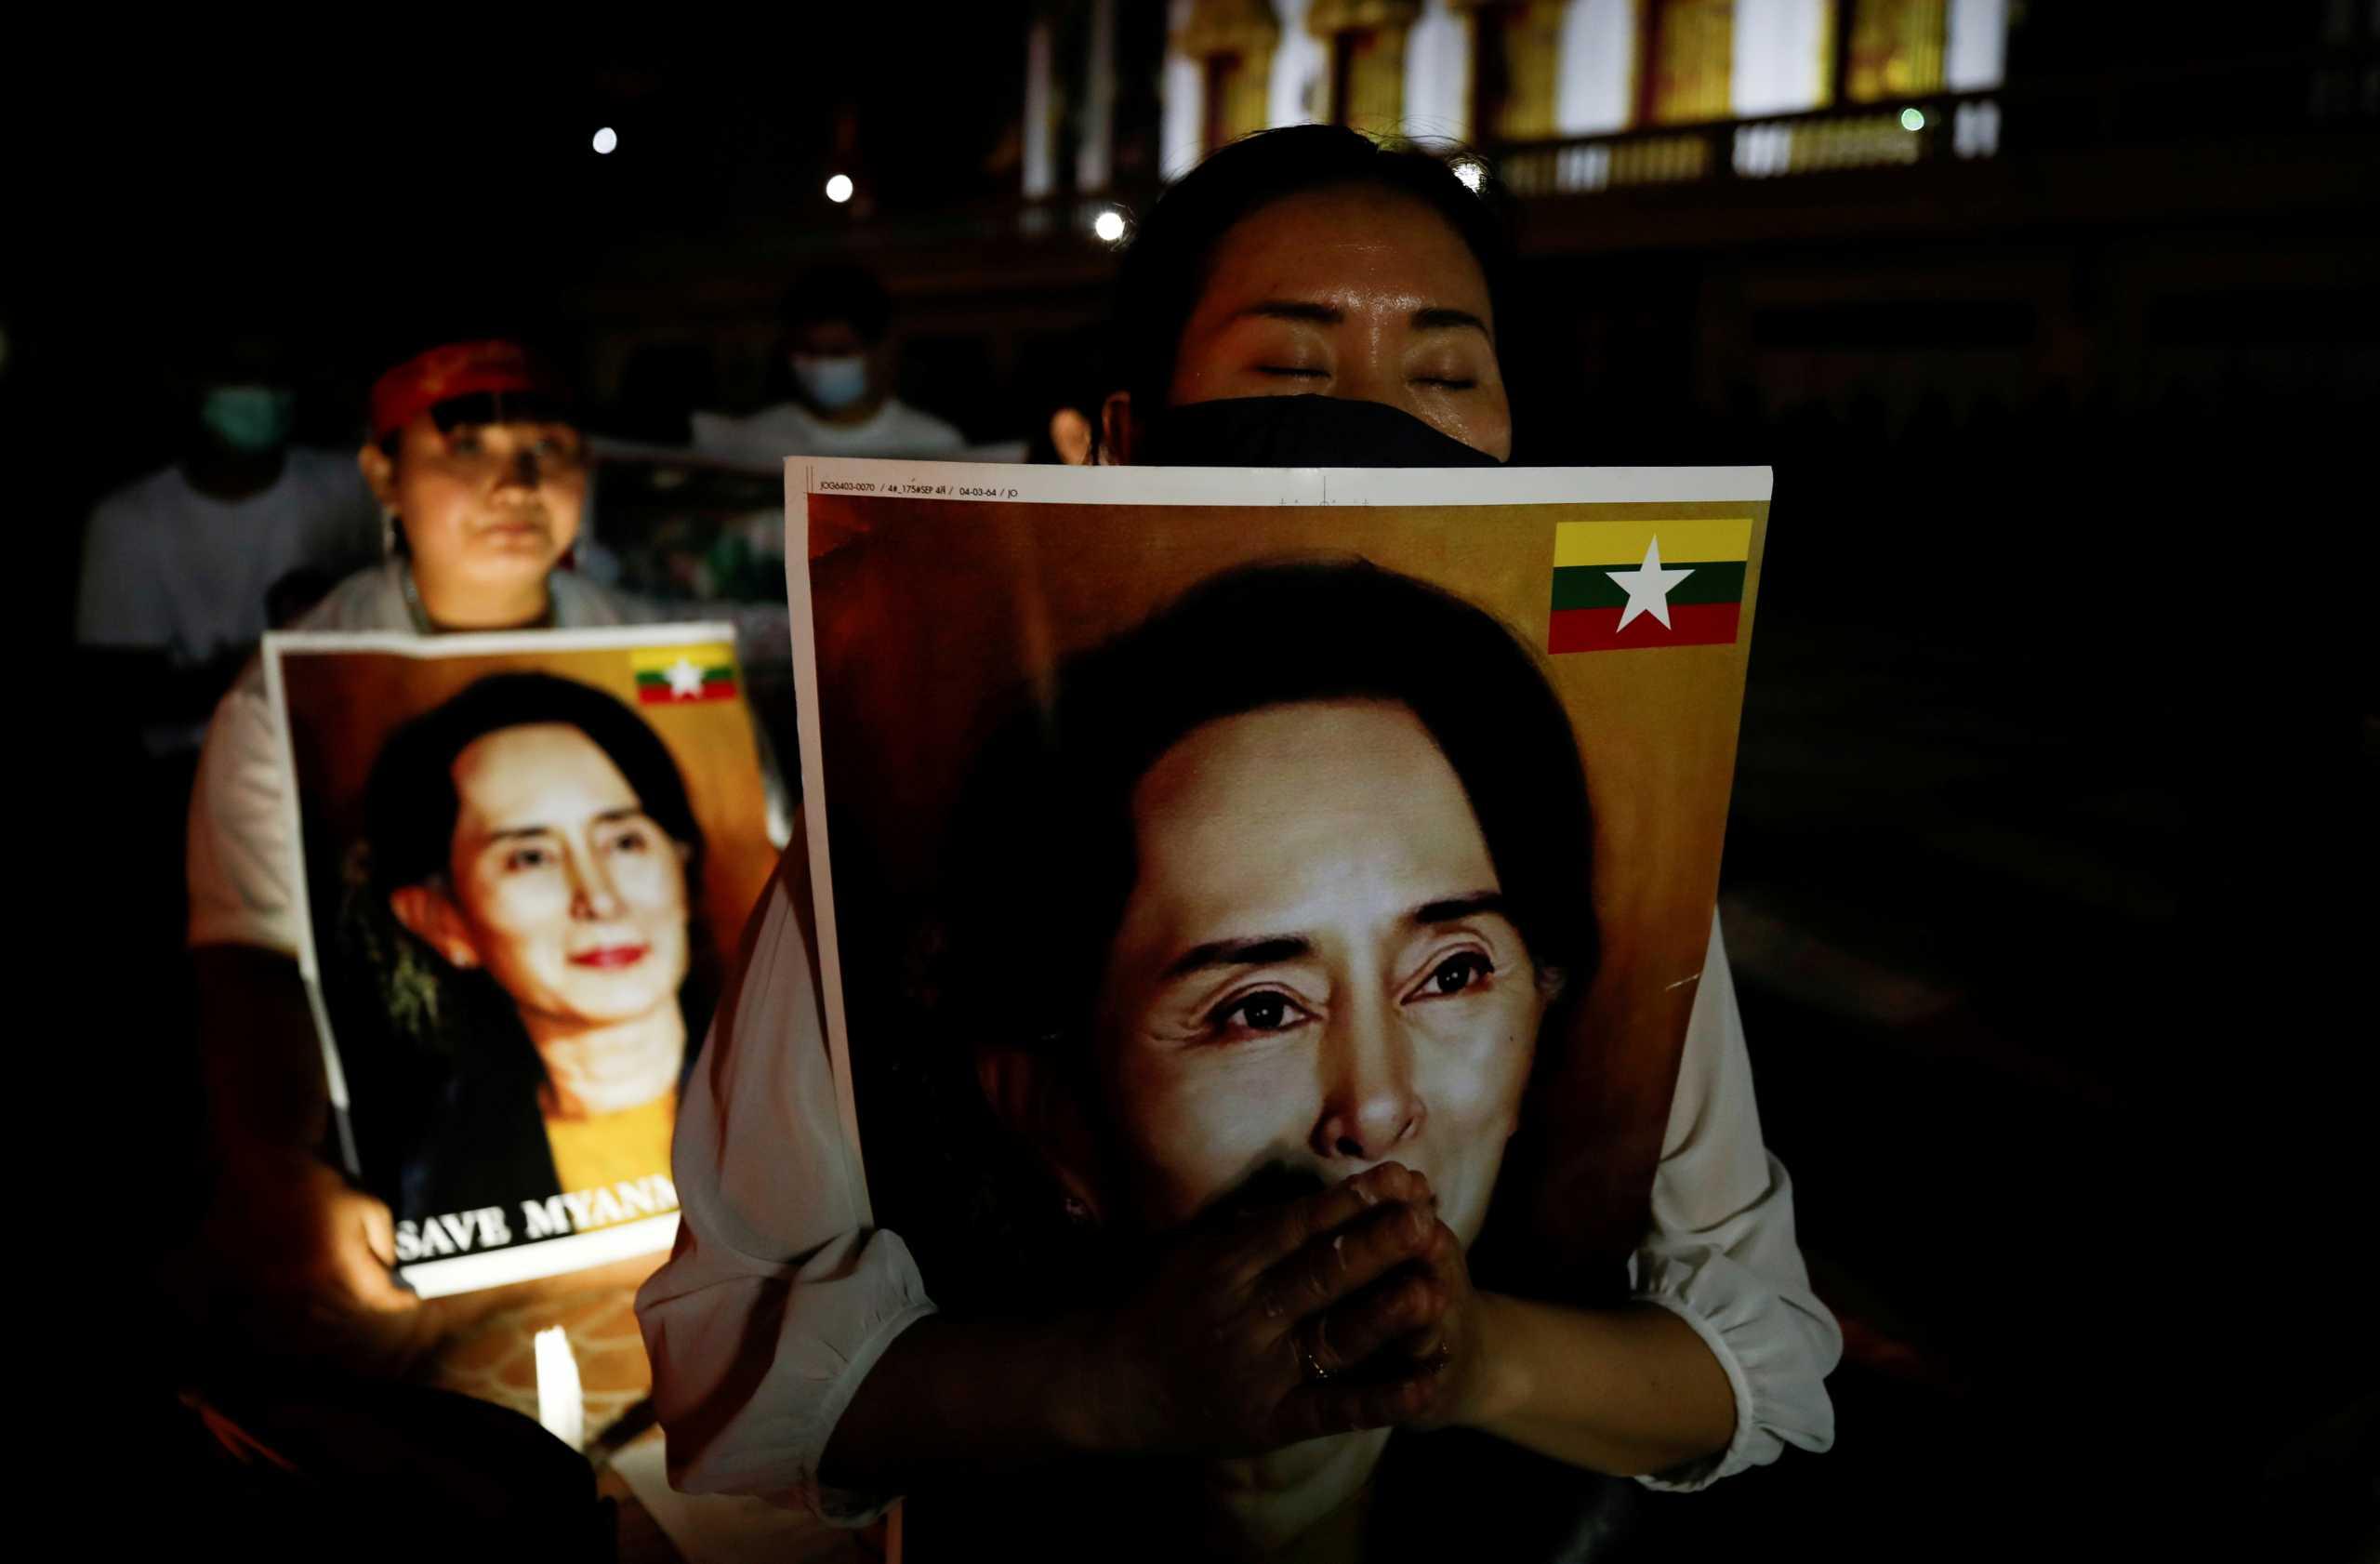 Μιανμάρ: Η χούντα διαλύει το κόμμα της Αούνγκ Σαν Σου Τσι – Παγώνει τη βοήθεια η Ιαπωνία